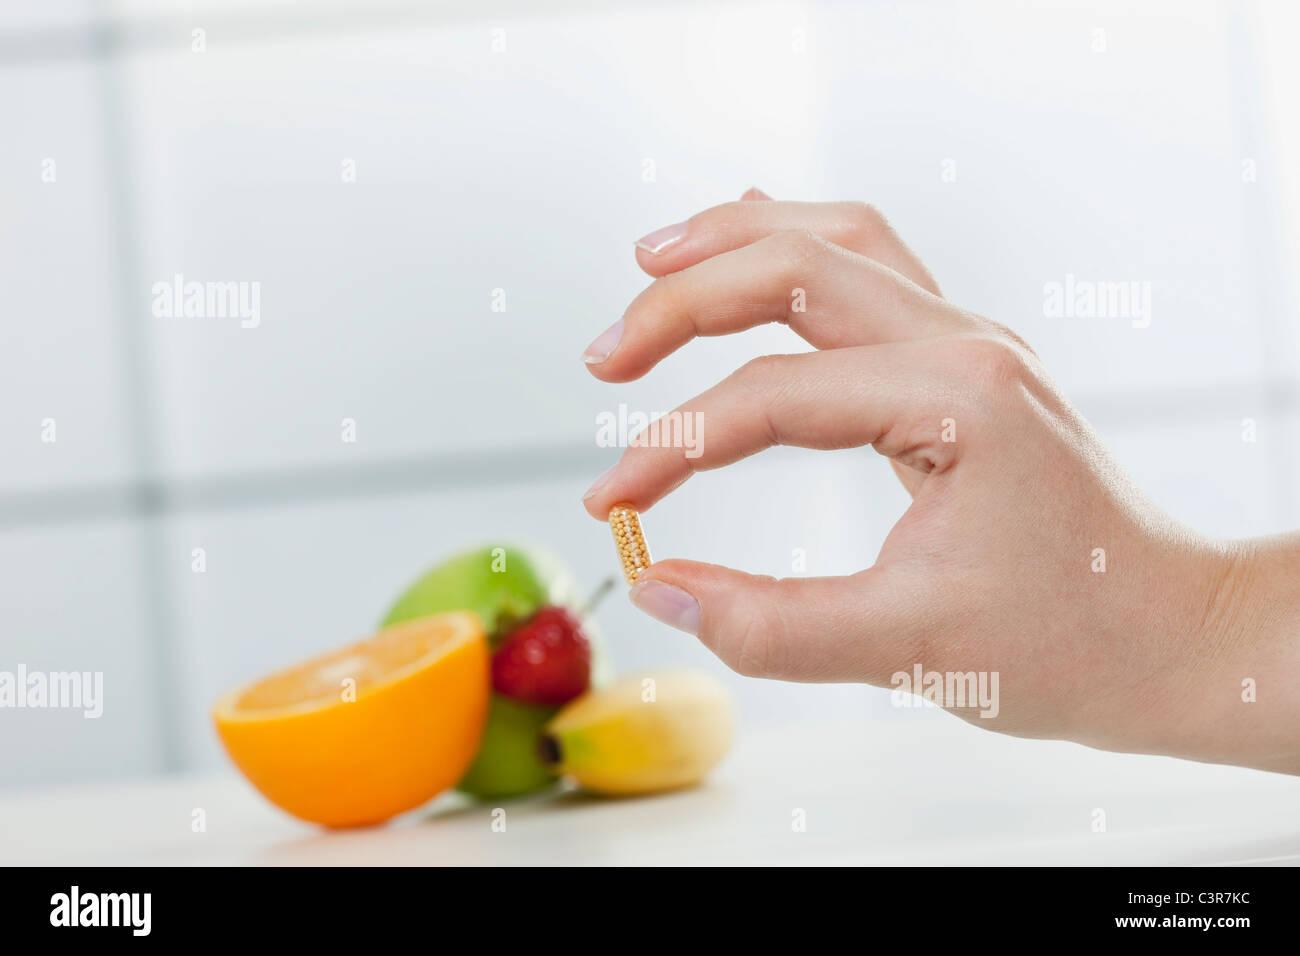 Deutschland Koln Menschliche Hand Die Diat Pille Mit Fruchten Im